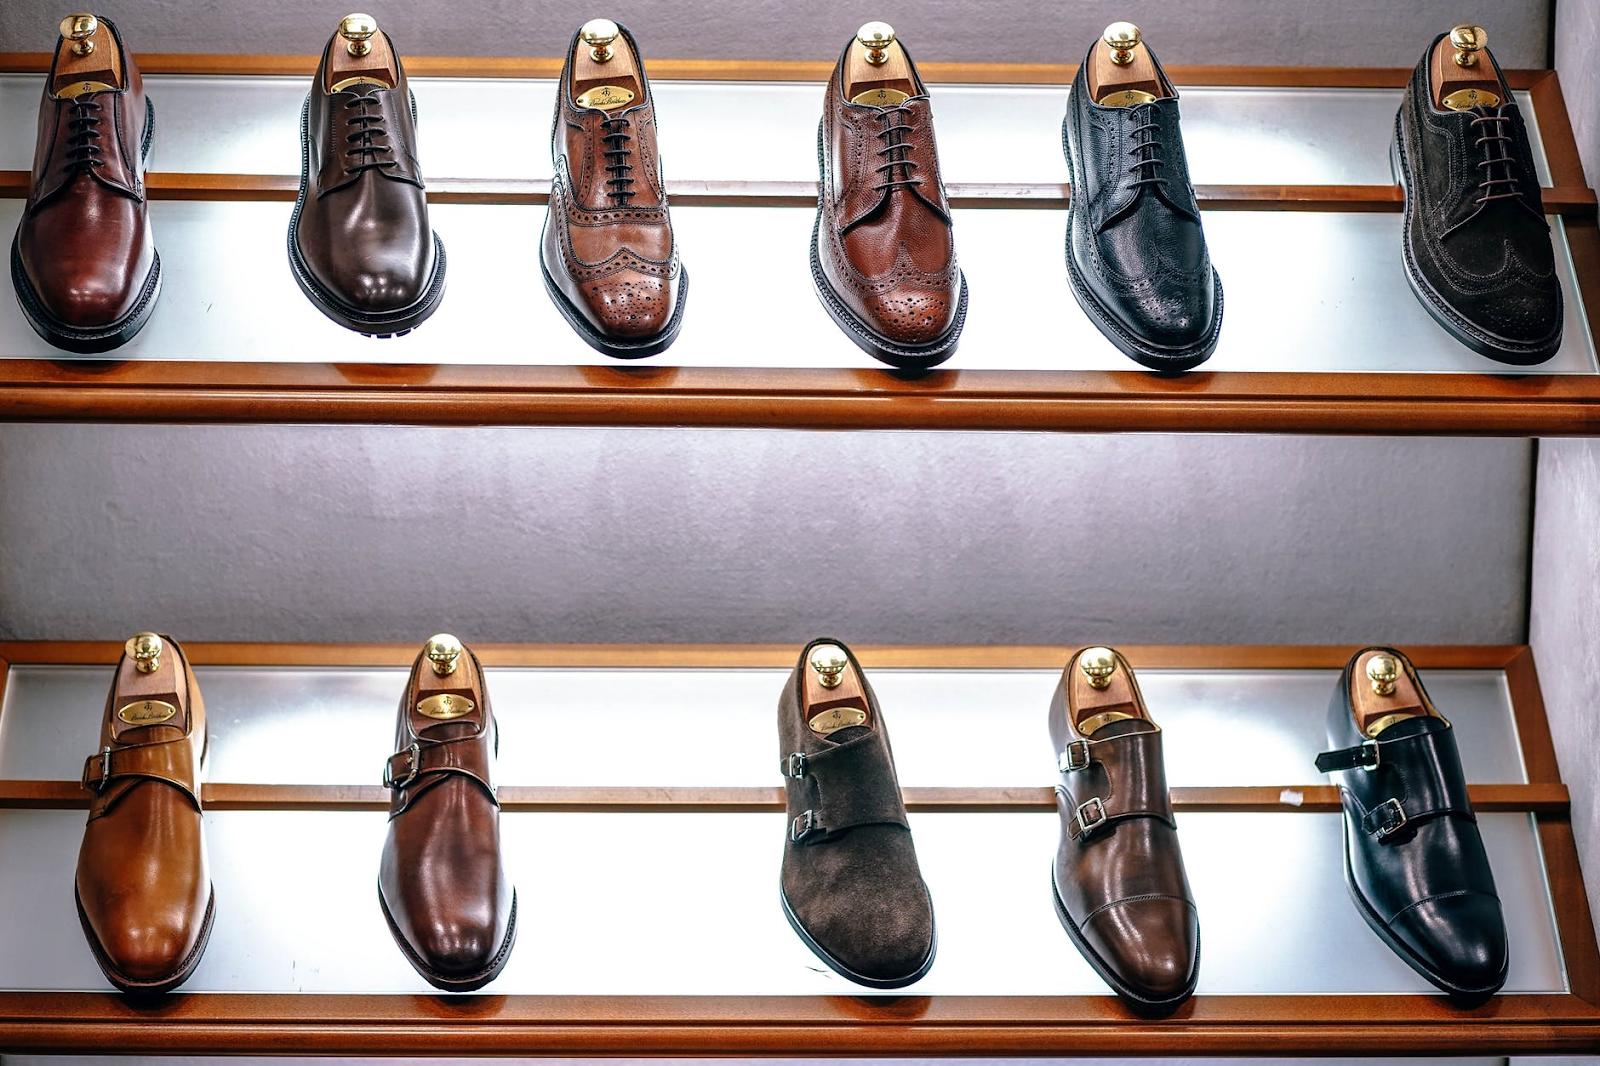 Calçados de couro de qualidade expostos na vitrine.